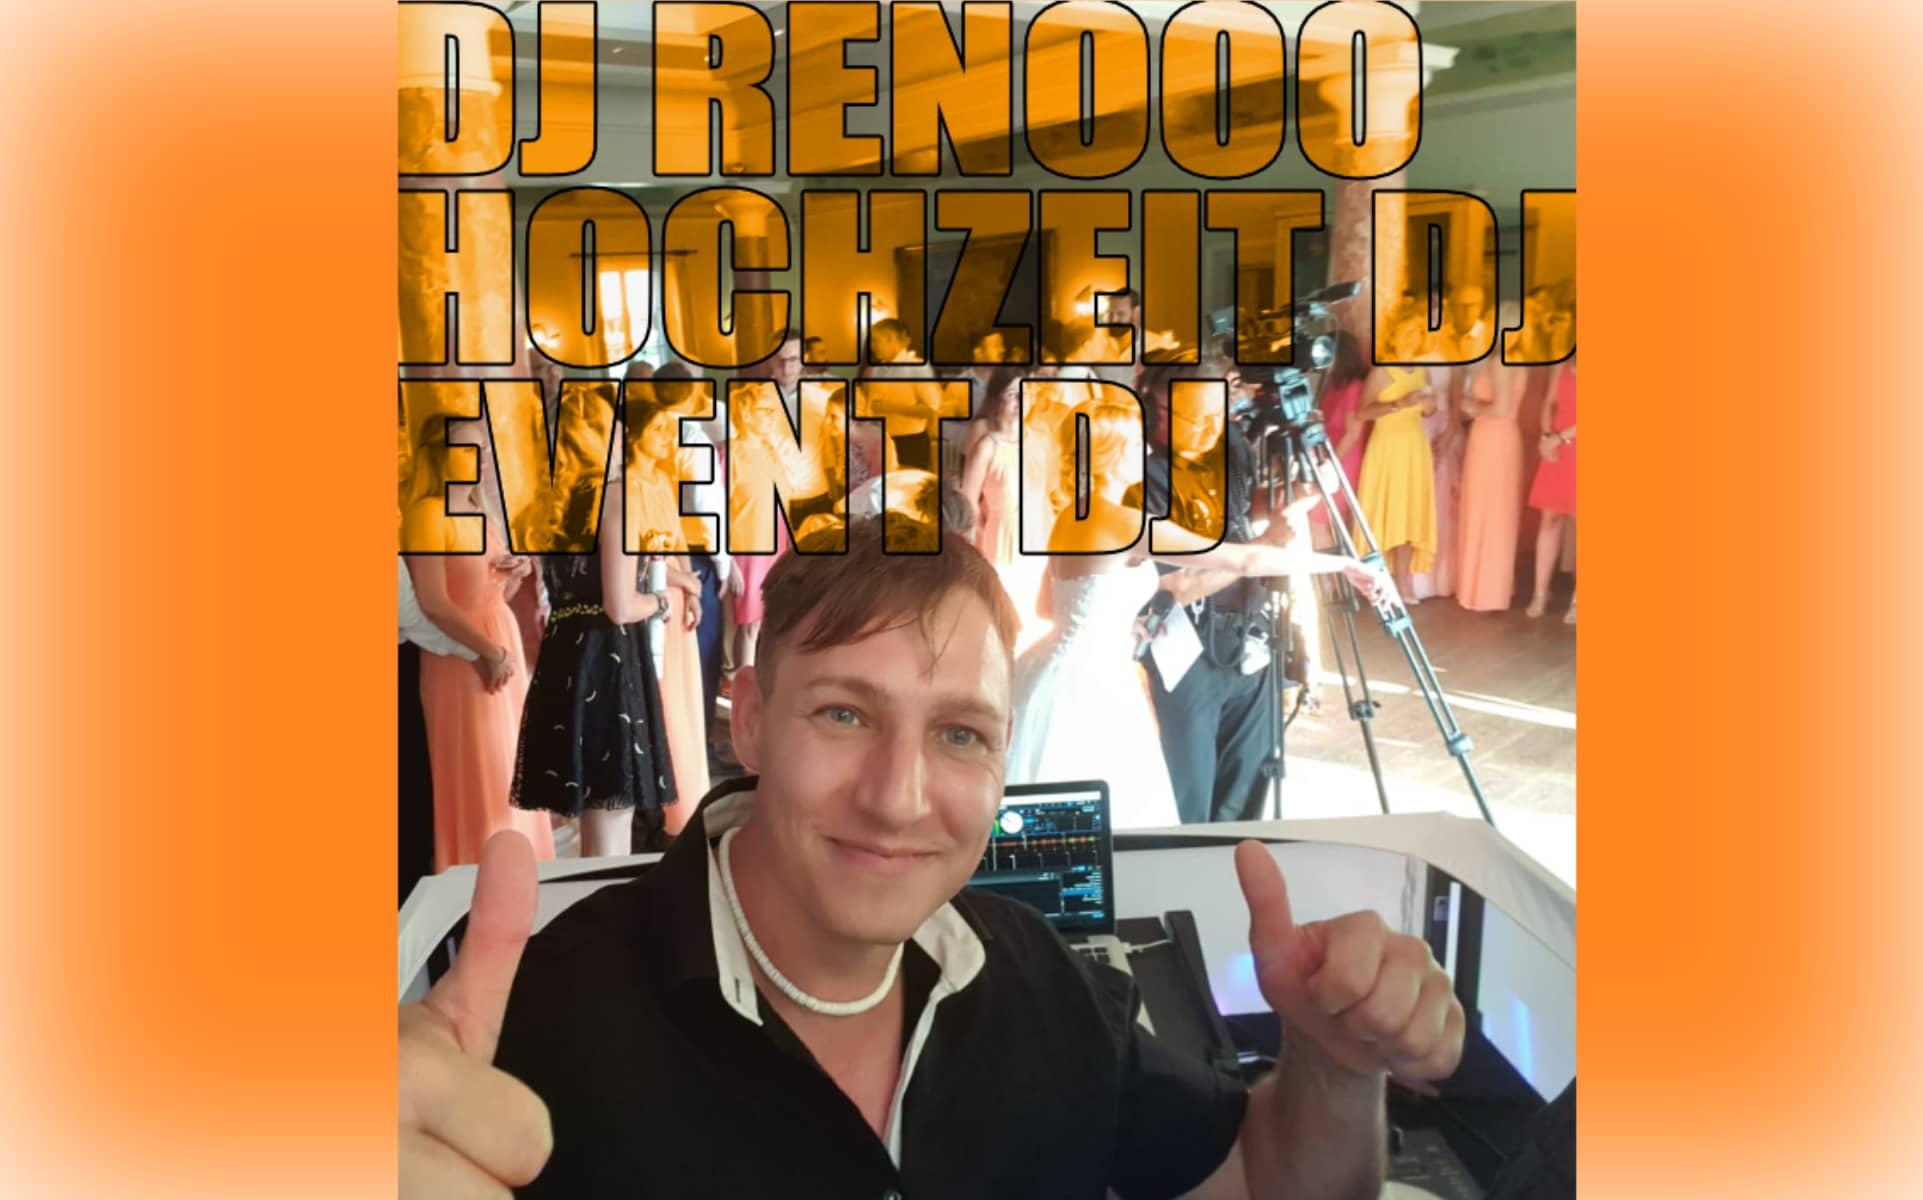 Hochzeit und Event DJ Renooo